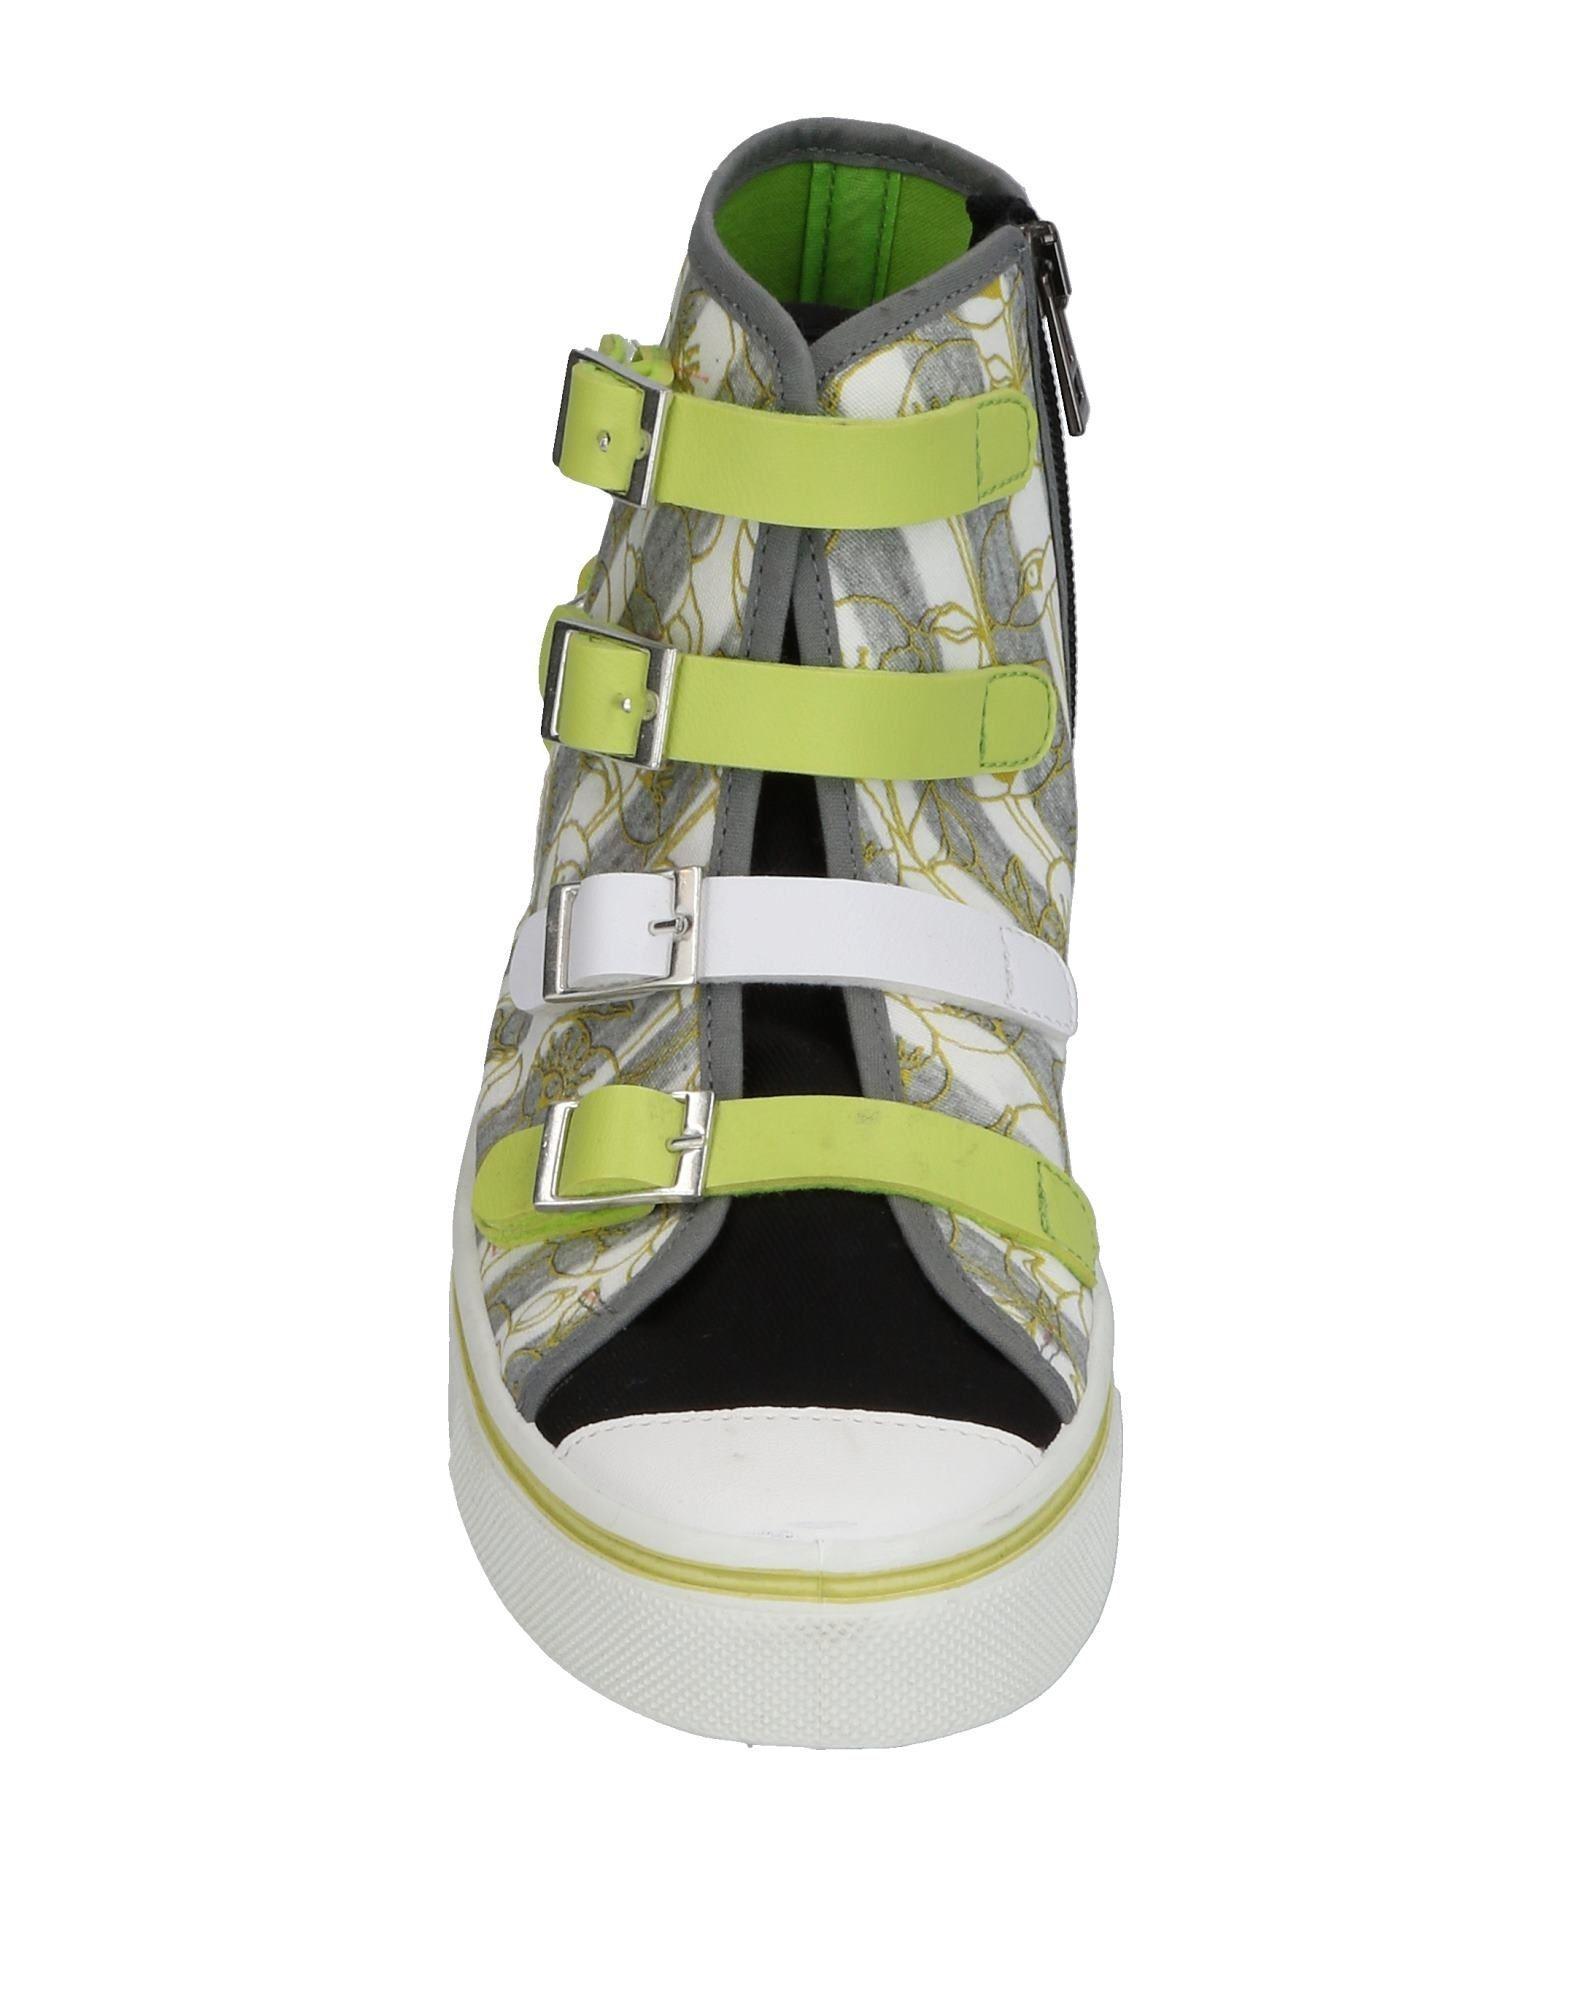 FOOTWEAR - High-tops & sneakers Pianurastudio iJbiGP2md